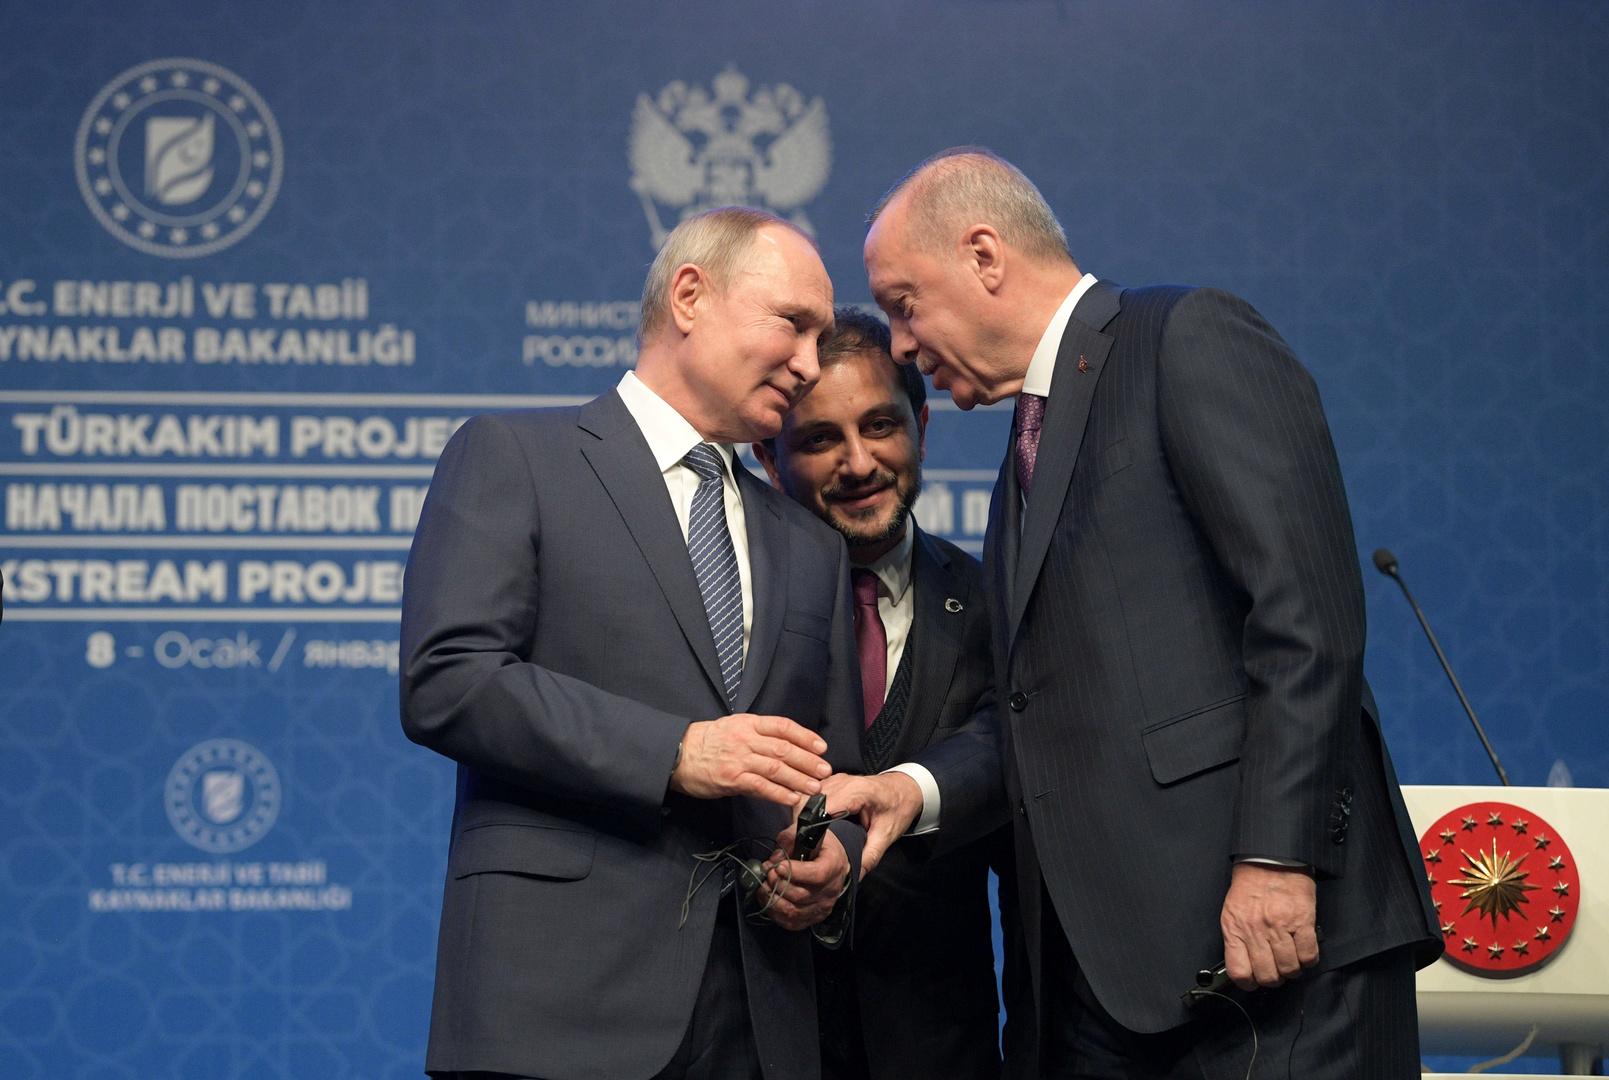 روسيا وتركيا وصلتا إلى الخط الأحمر